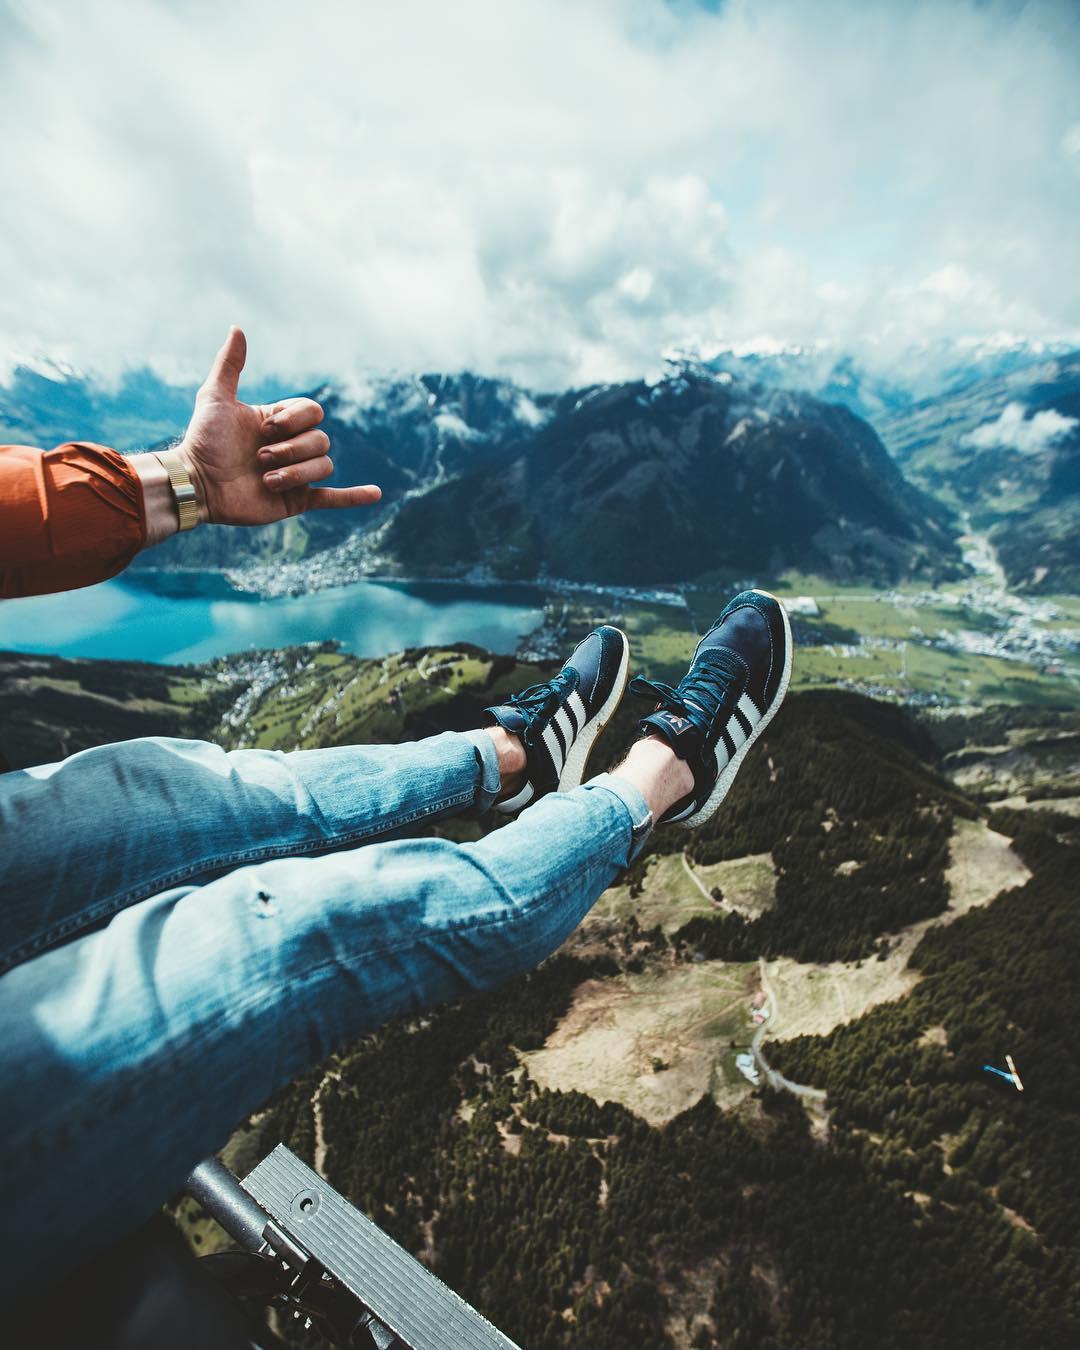 Великолепные пейзажные снимки 17-летнего фотографа